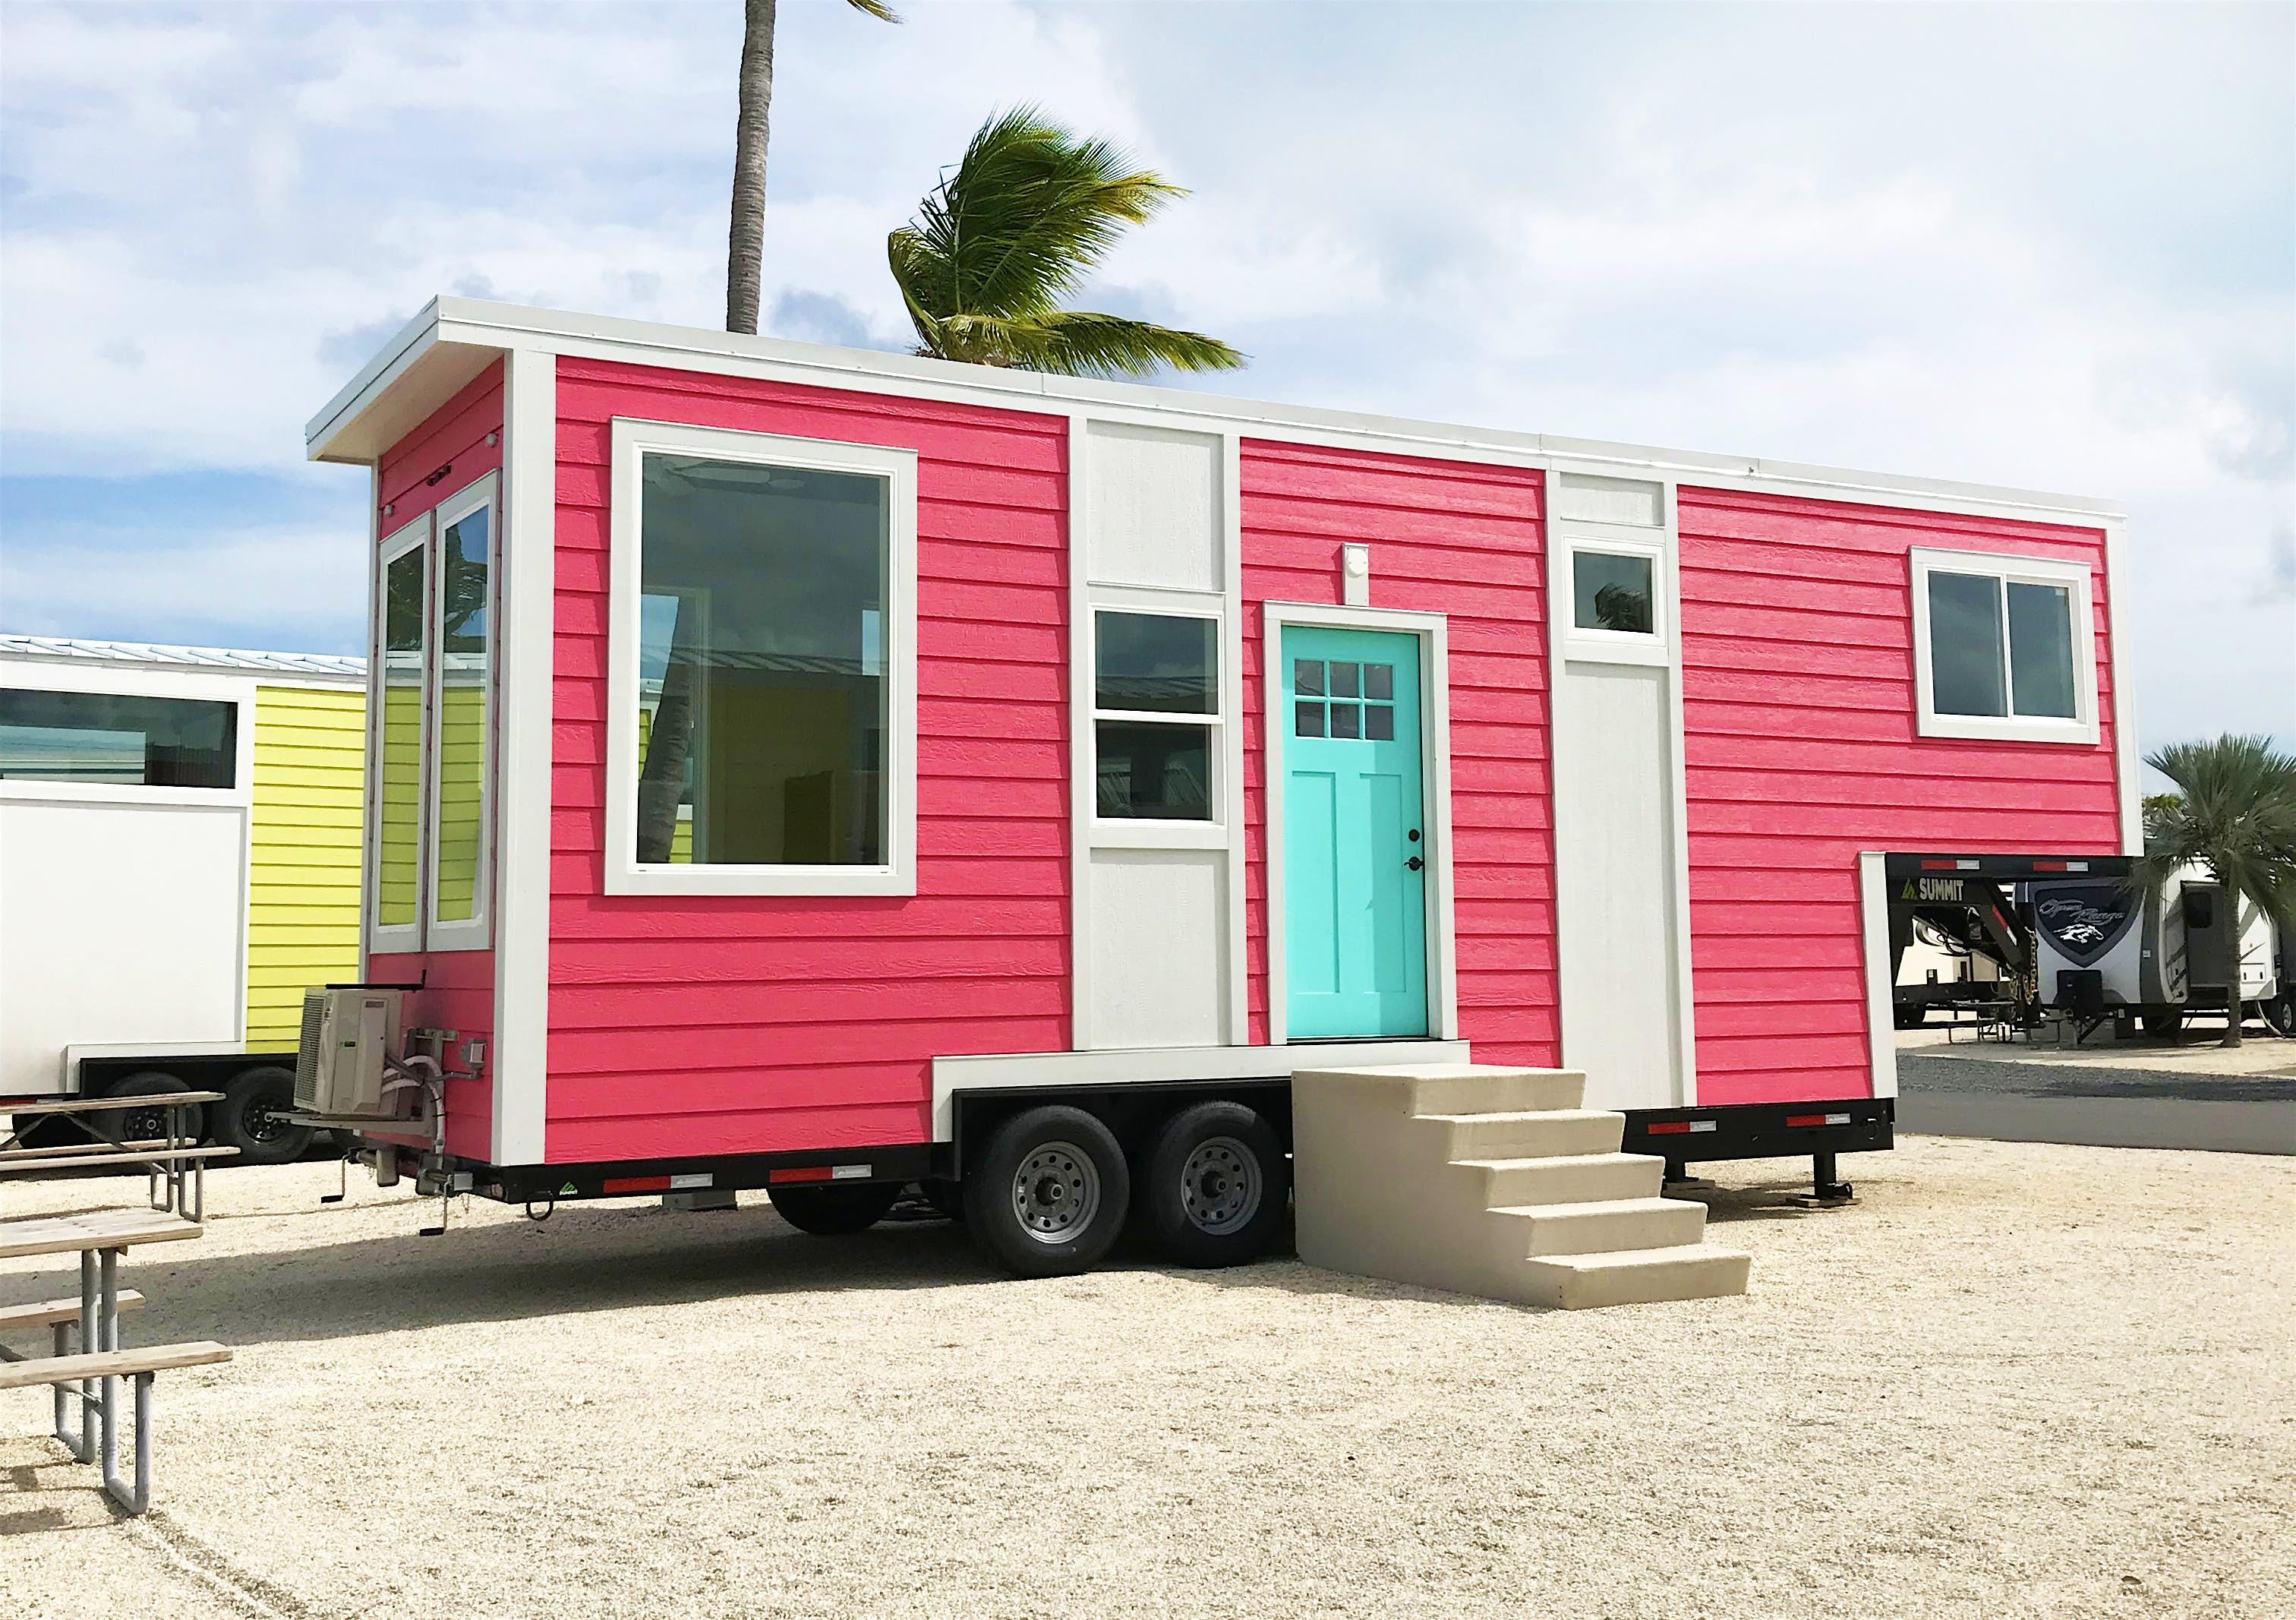 Florida Keys: As ilhas incríveis ao sul de Miami tem uma adorável vila de férias com pequenas casas